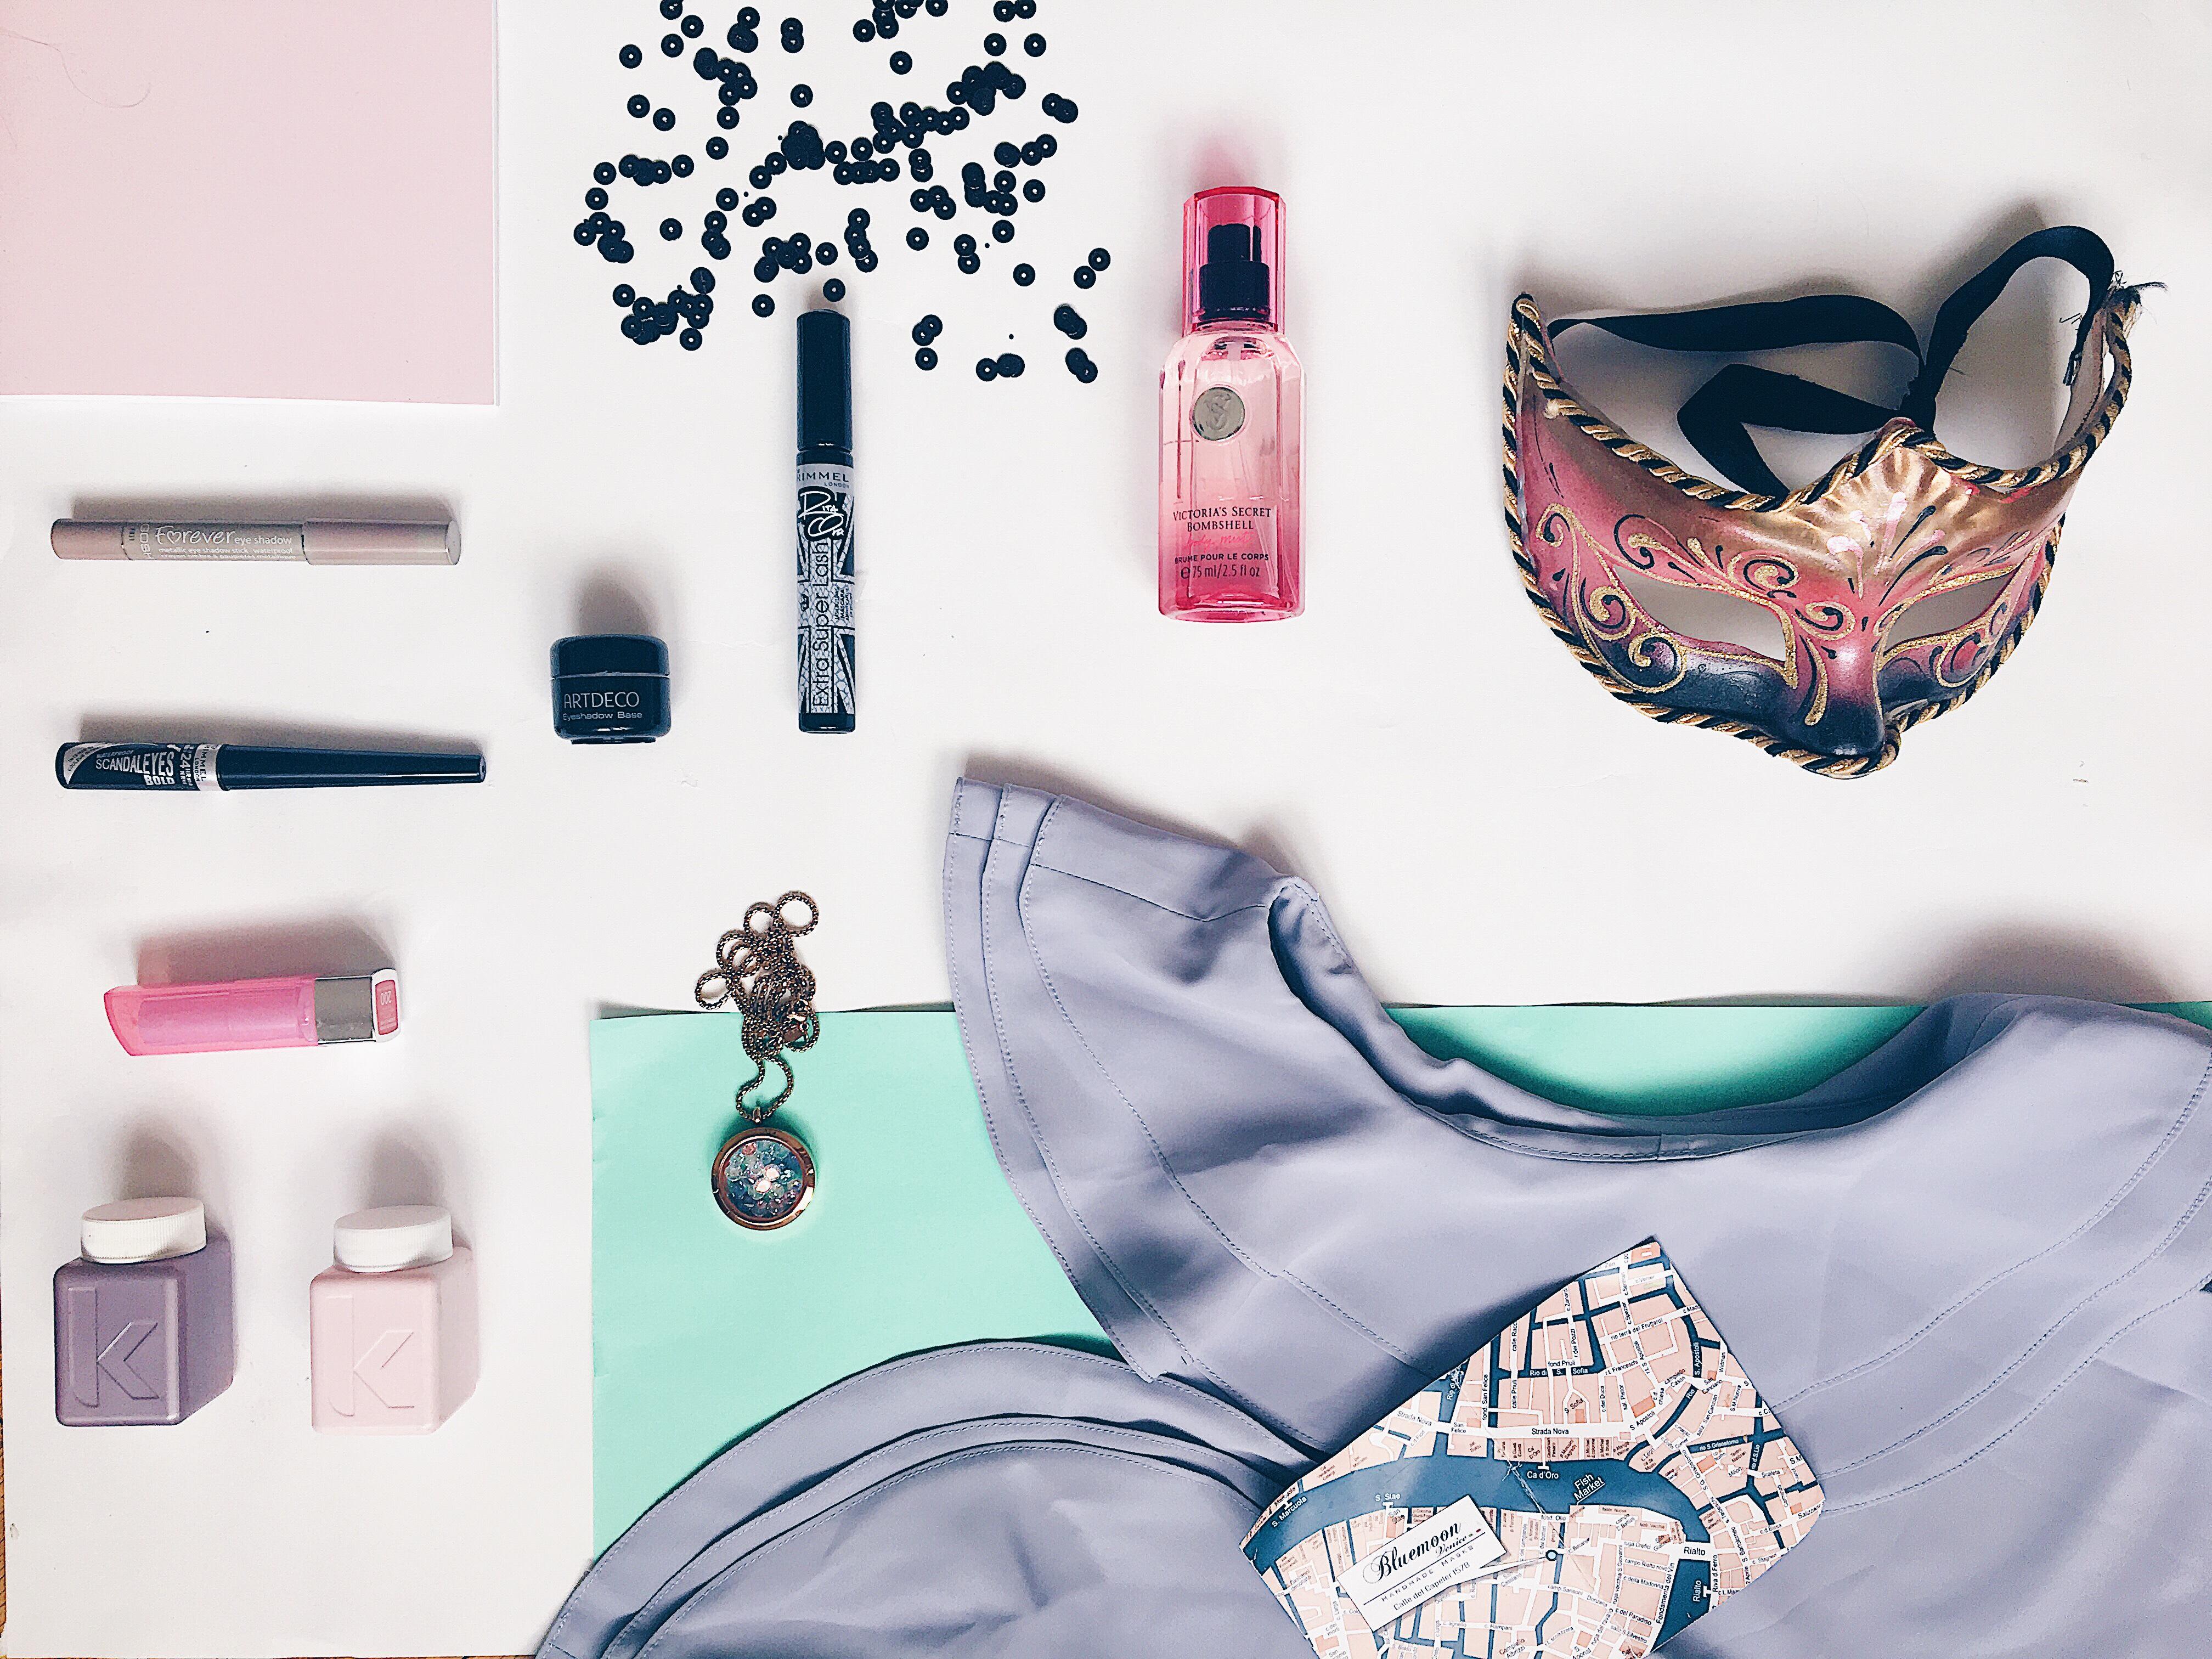 Fodros ruha: Berbloom<br />Nyaklánc: Joy Jewel<br />Pafüm: Victoria'Secret<br />Szemhély tus, szempillaspirál, rúzs: Rimmel<br />Primer: Art Deco<br />Vízálló szemceruza: GOSH Coppenhagen <br />Sampon és balzsam: Kevin Murphy <br />